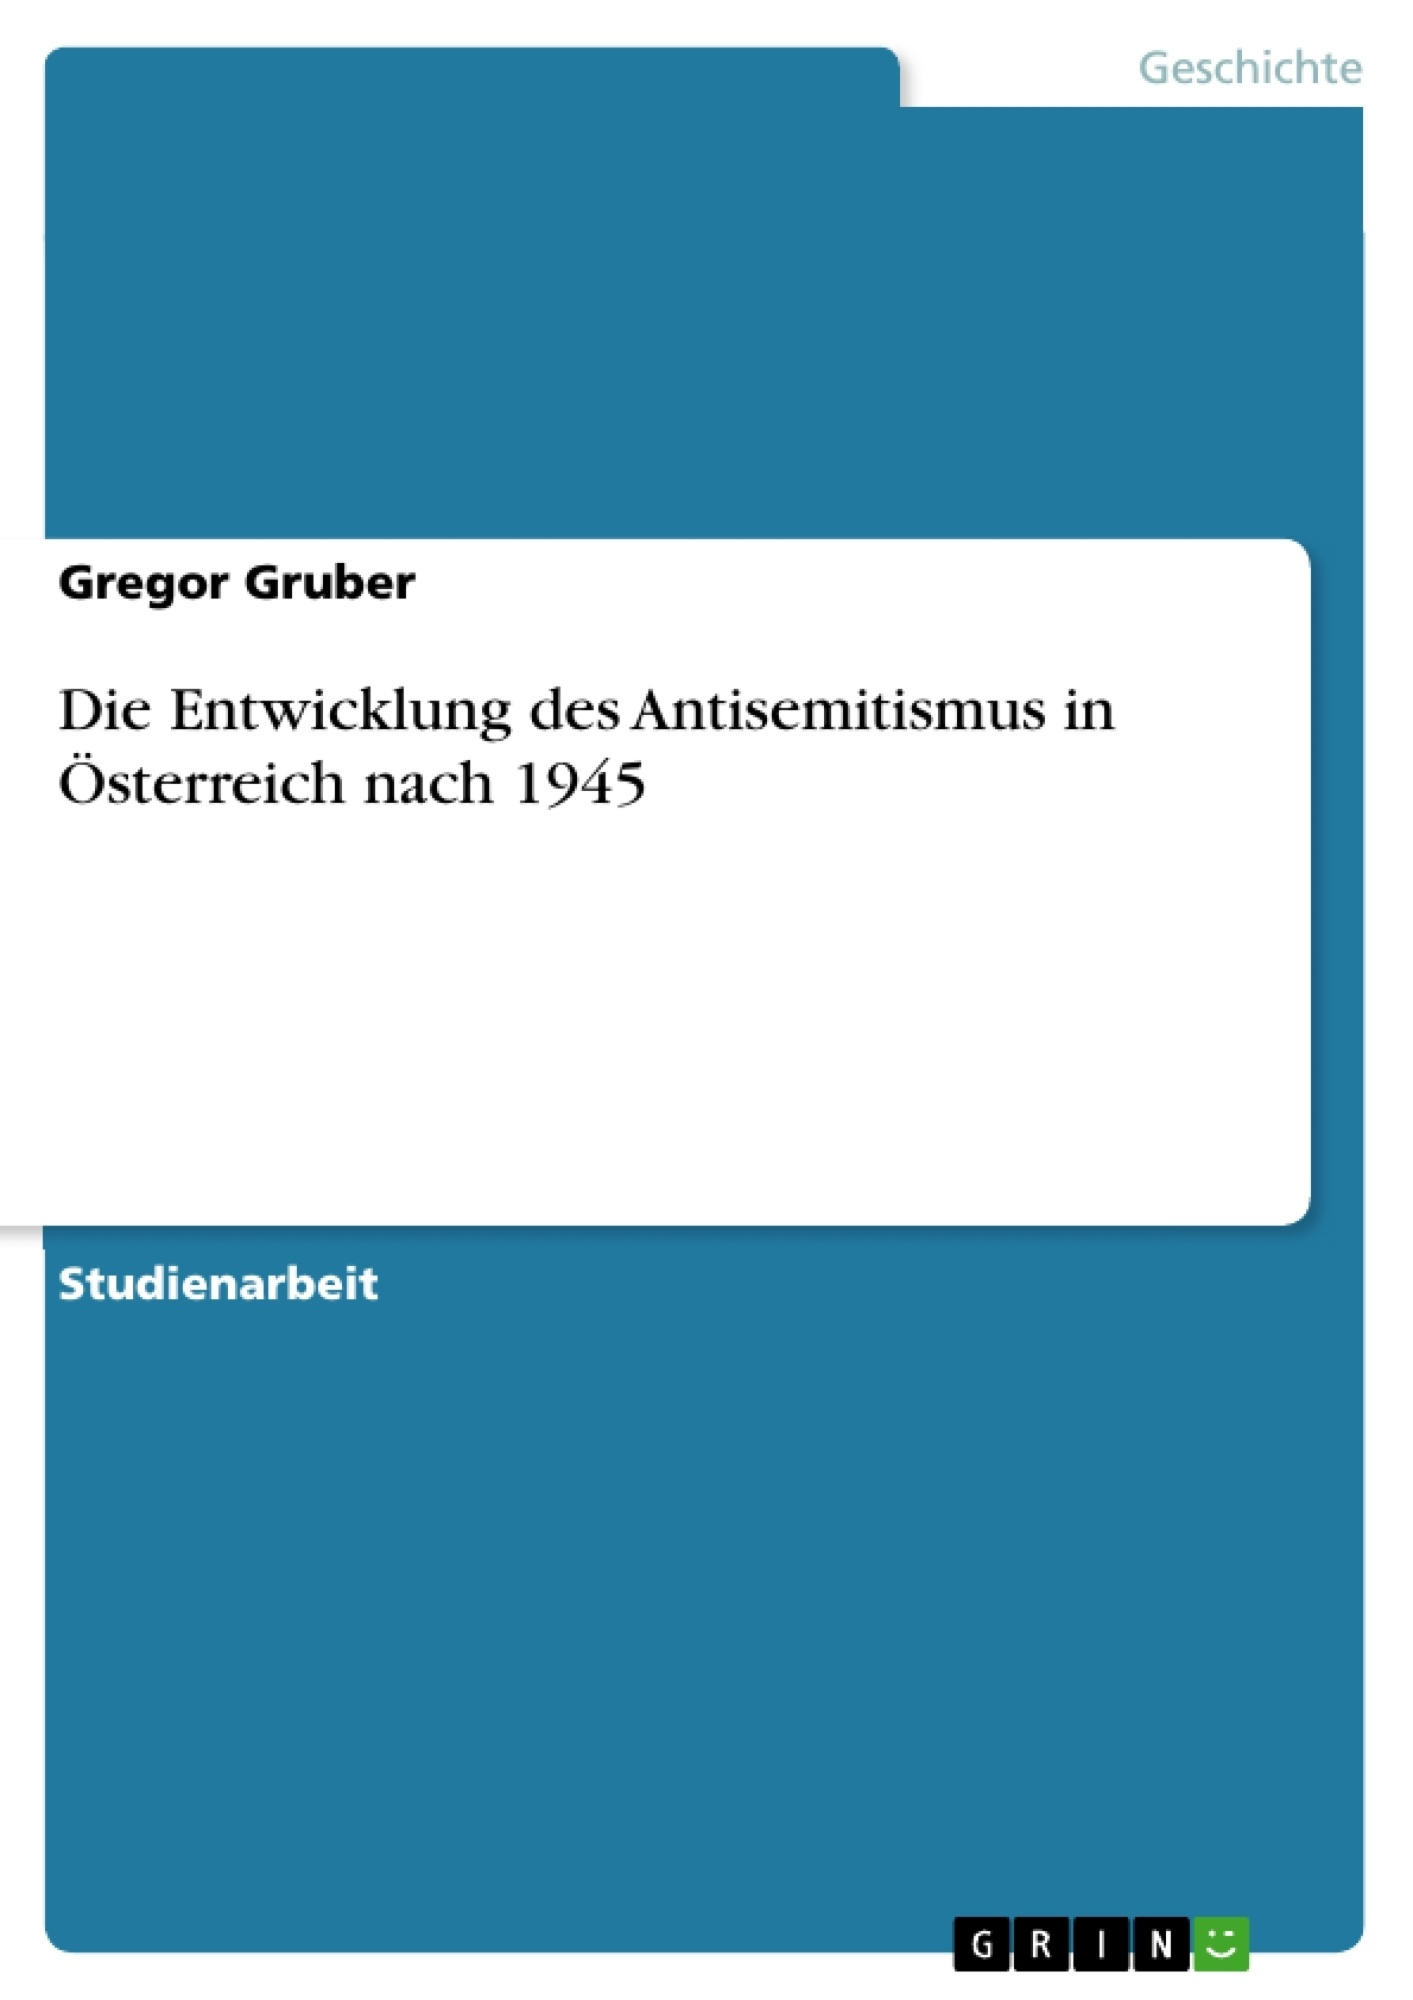 Titel: Die Entwicklung des Antisemitismus in Österreich nach 1945